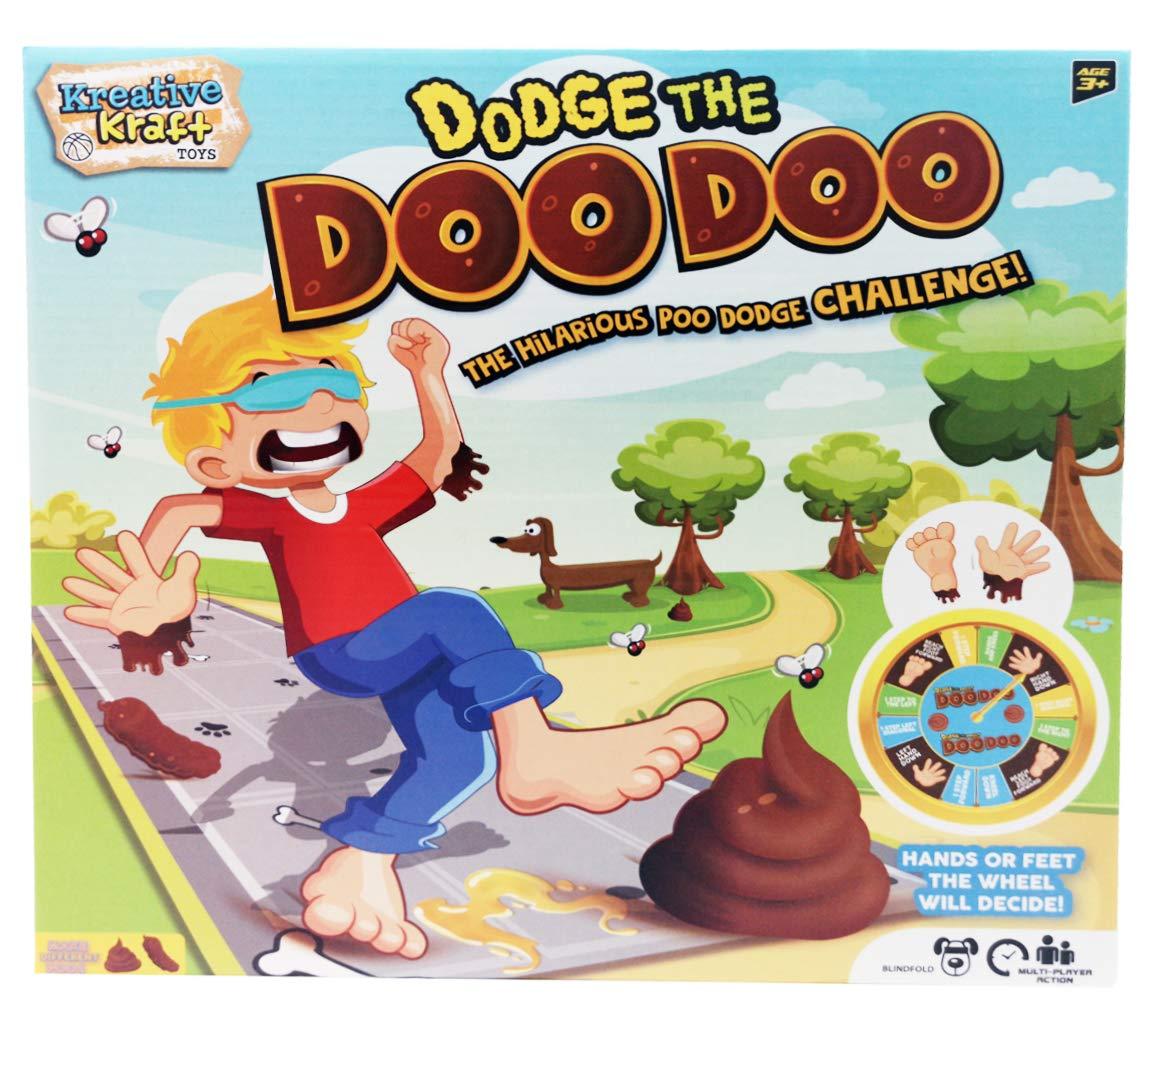 Kreativekraft Dodge The Doo Doo Juego De Mesa Para Ninos Y Adultos